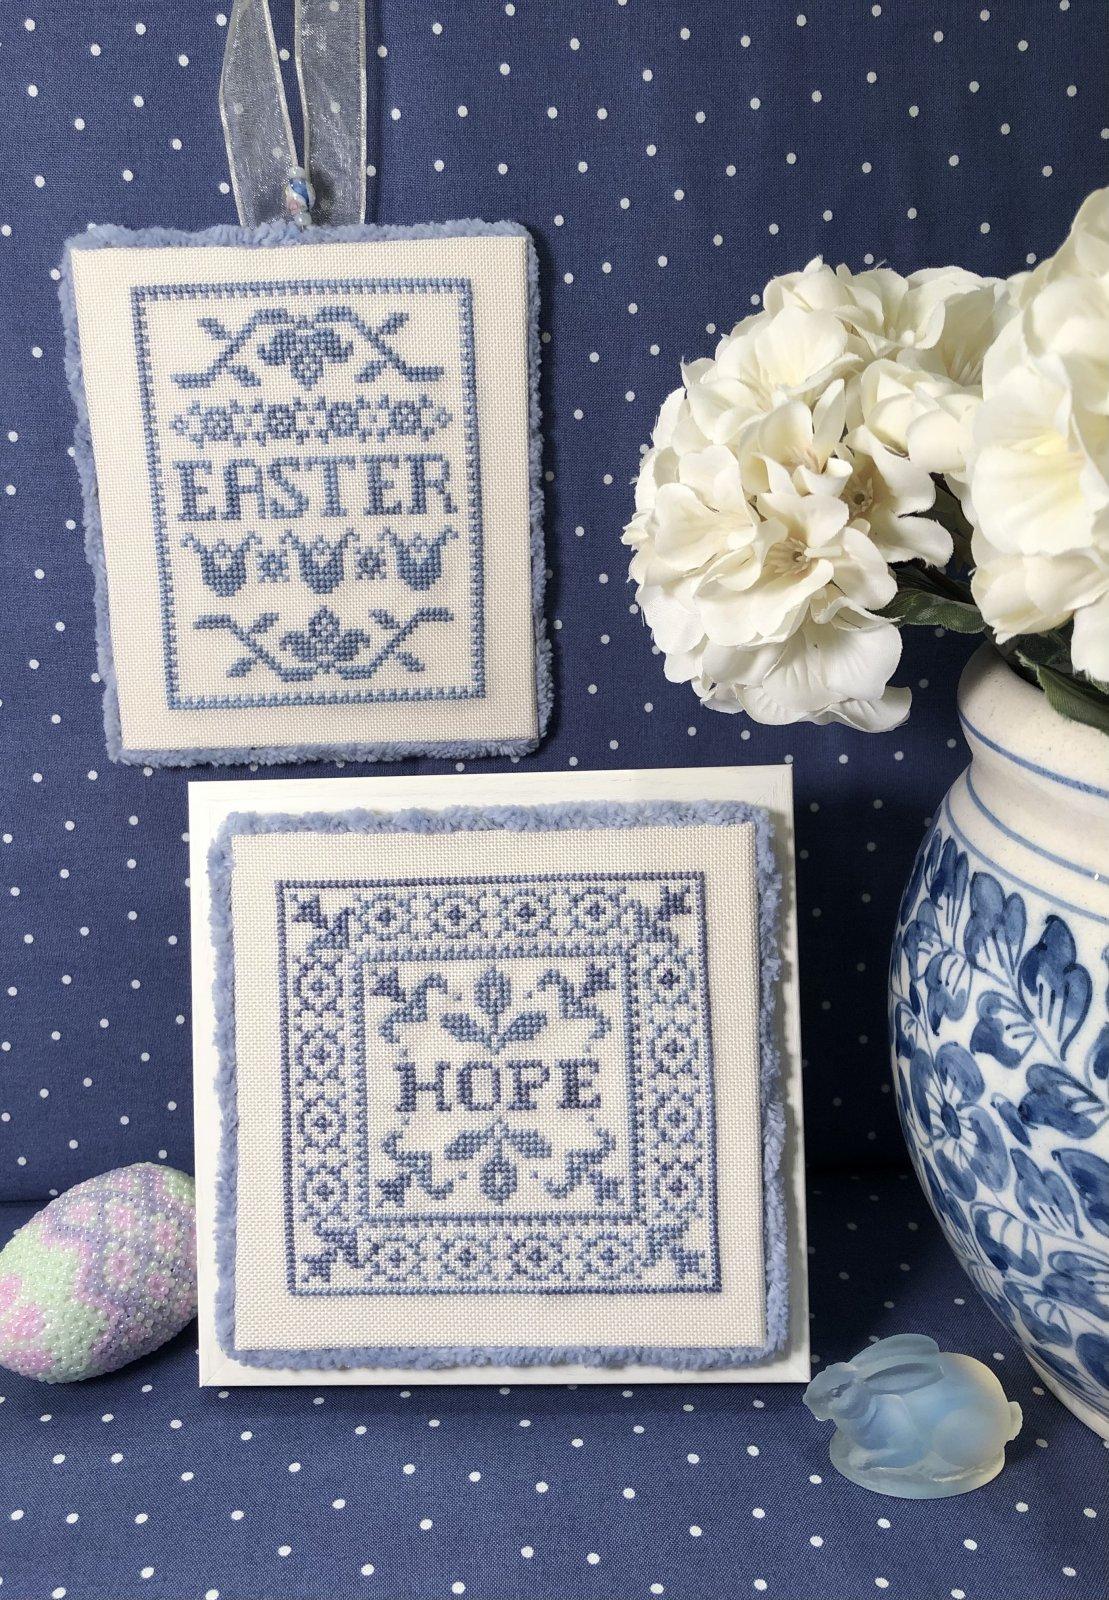 ScissorTail Designs - Easter Brings Hope